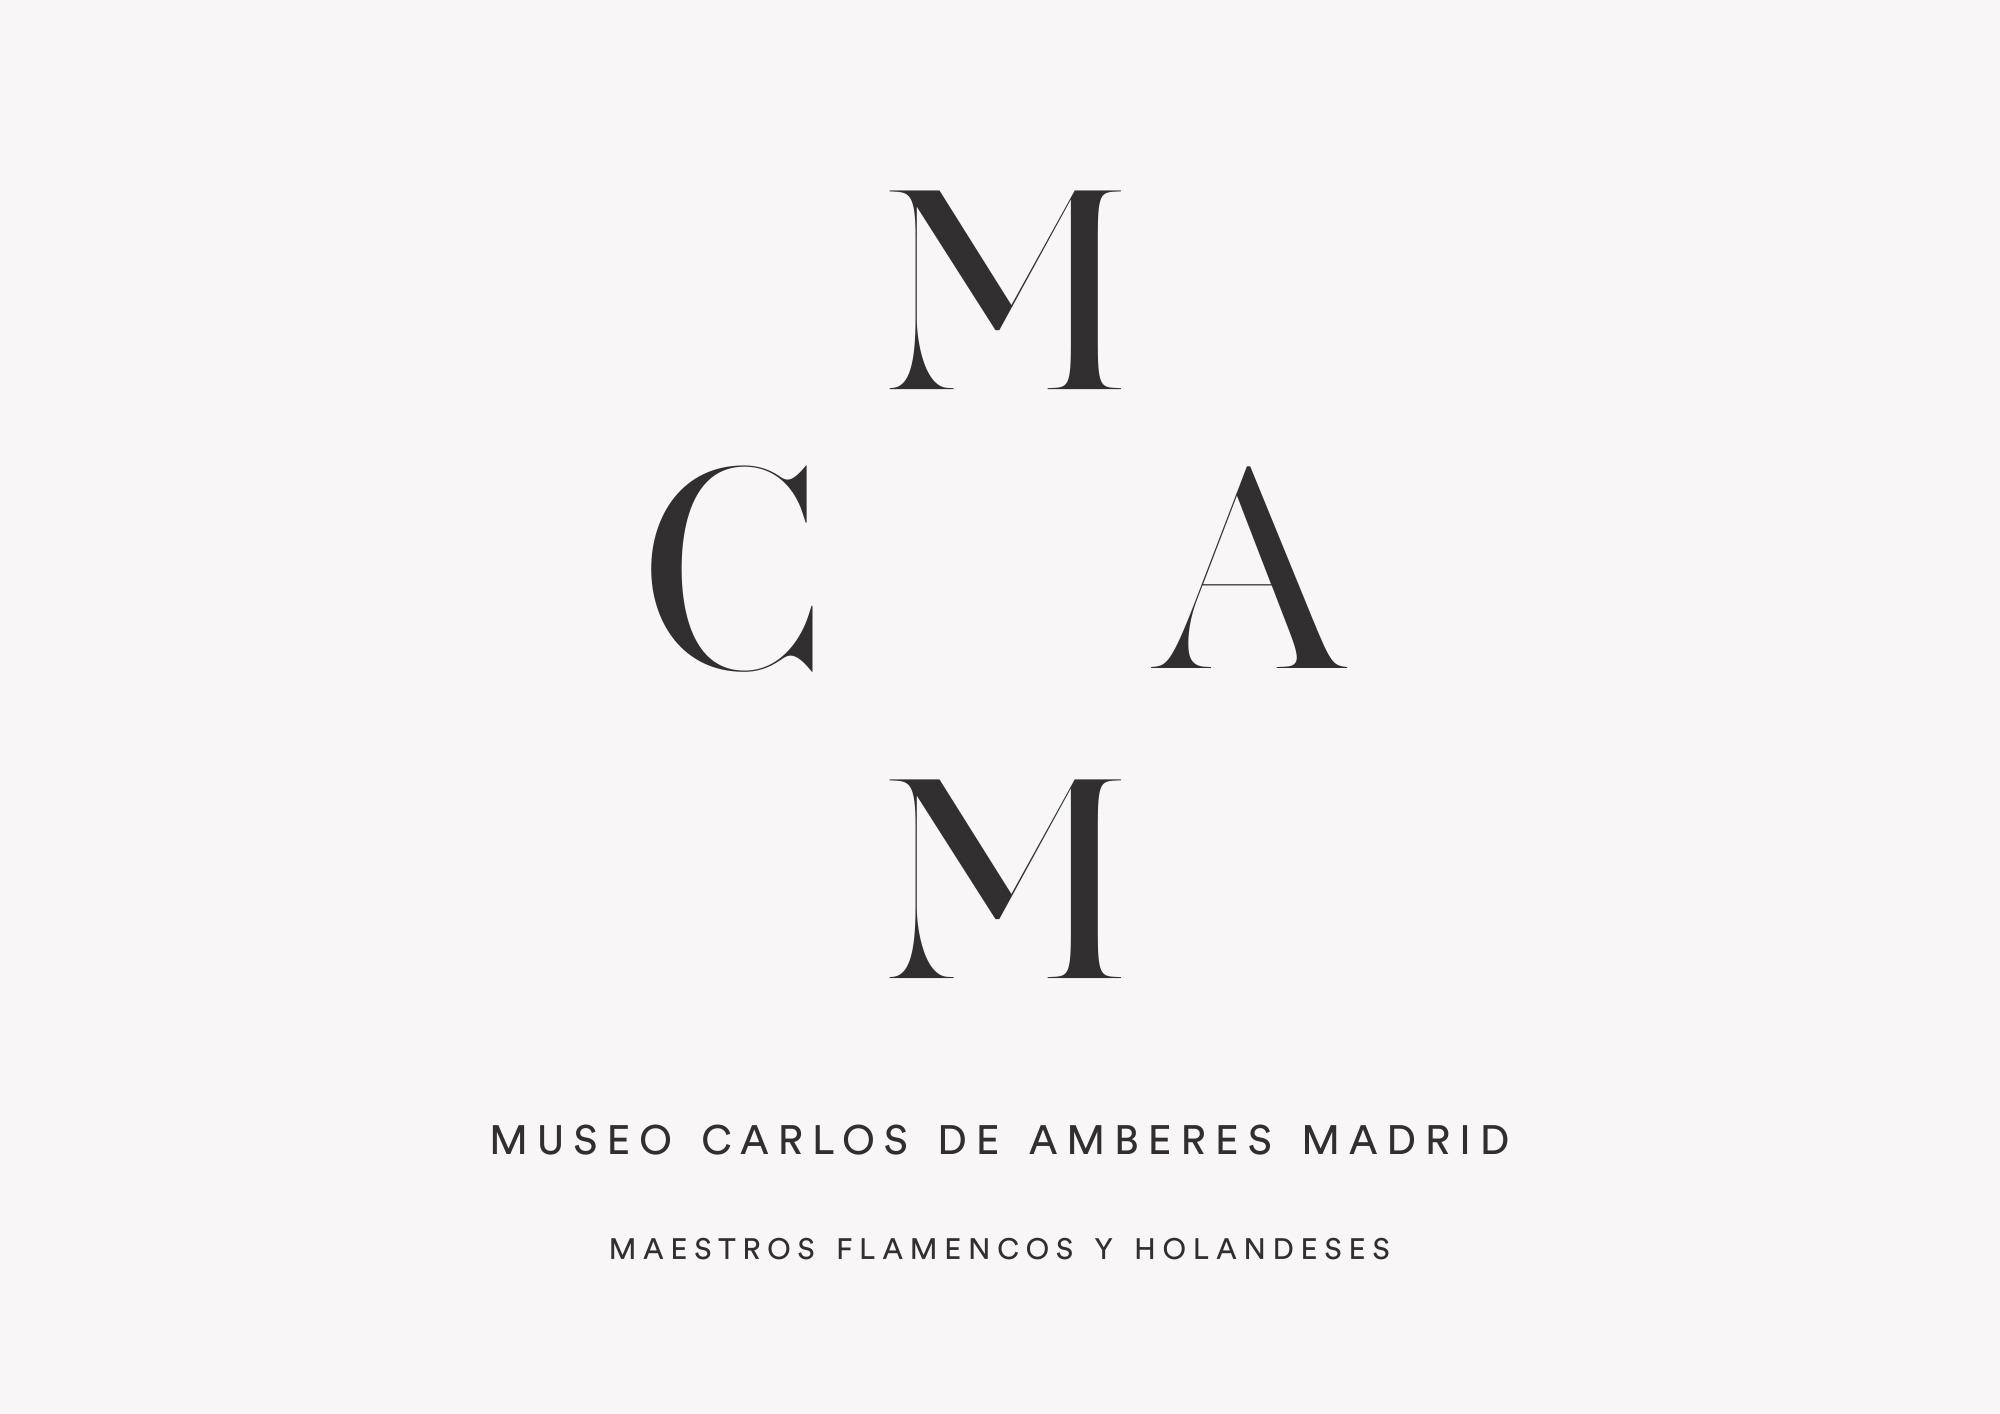 Museo Carlos Amberes